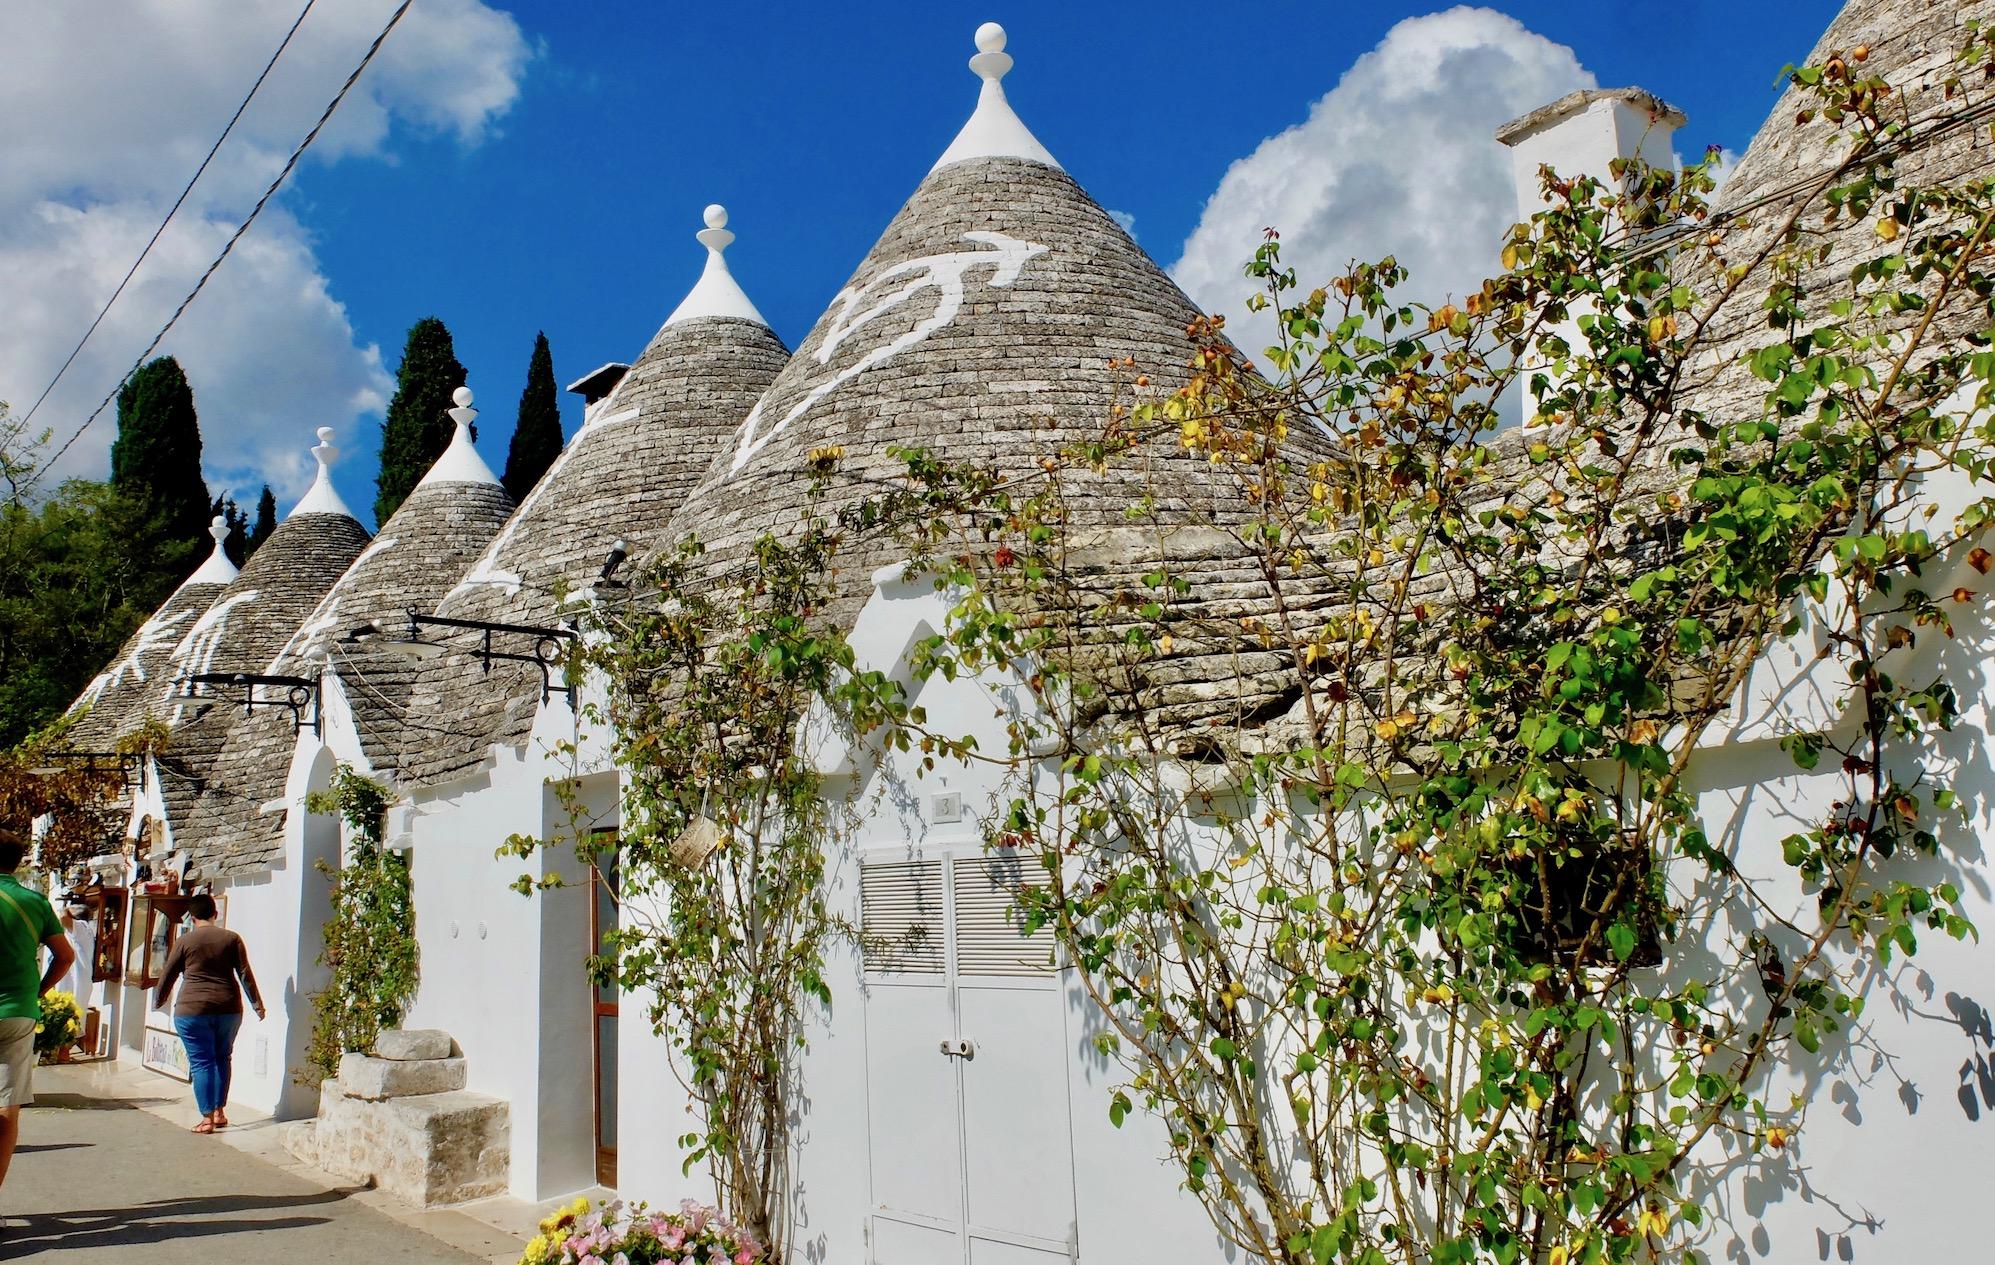 Puglia tour including Alberobello